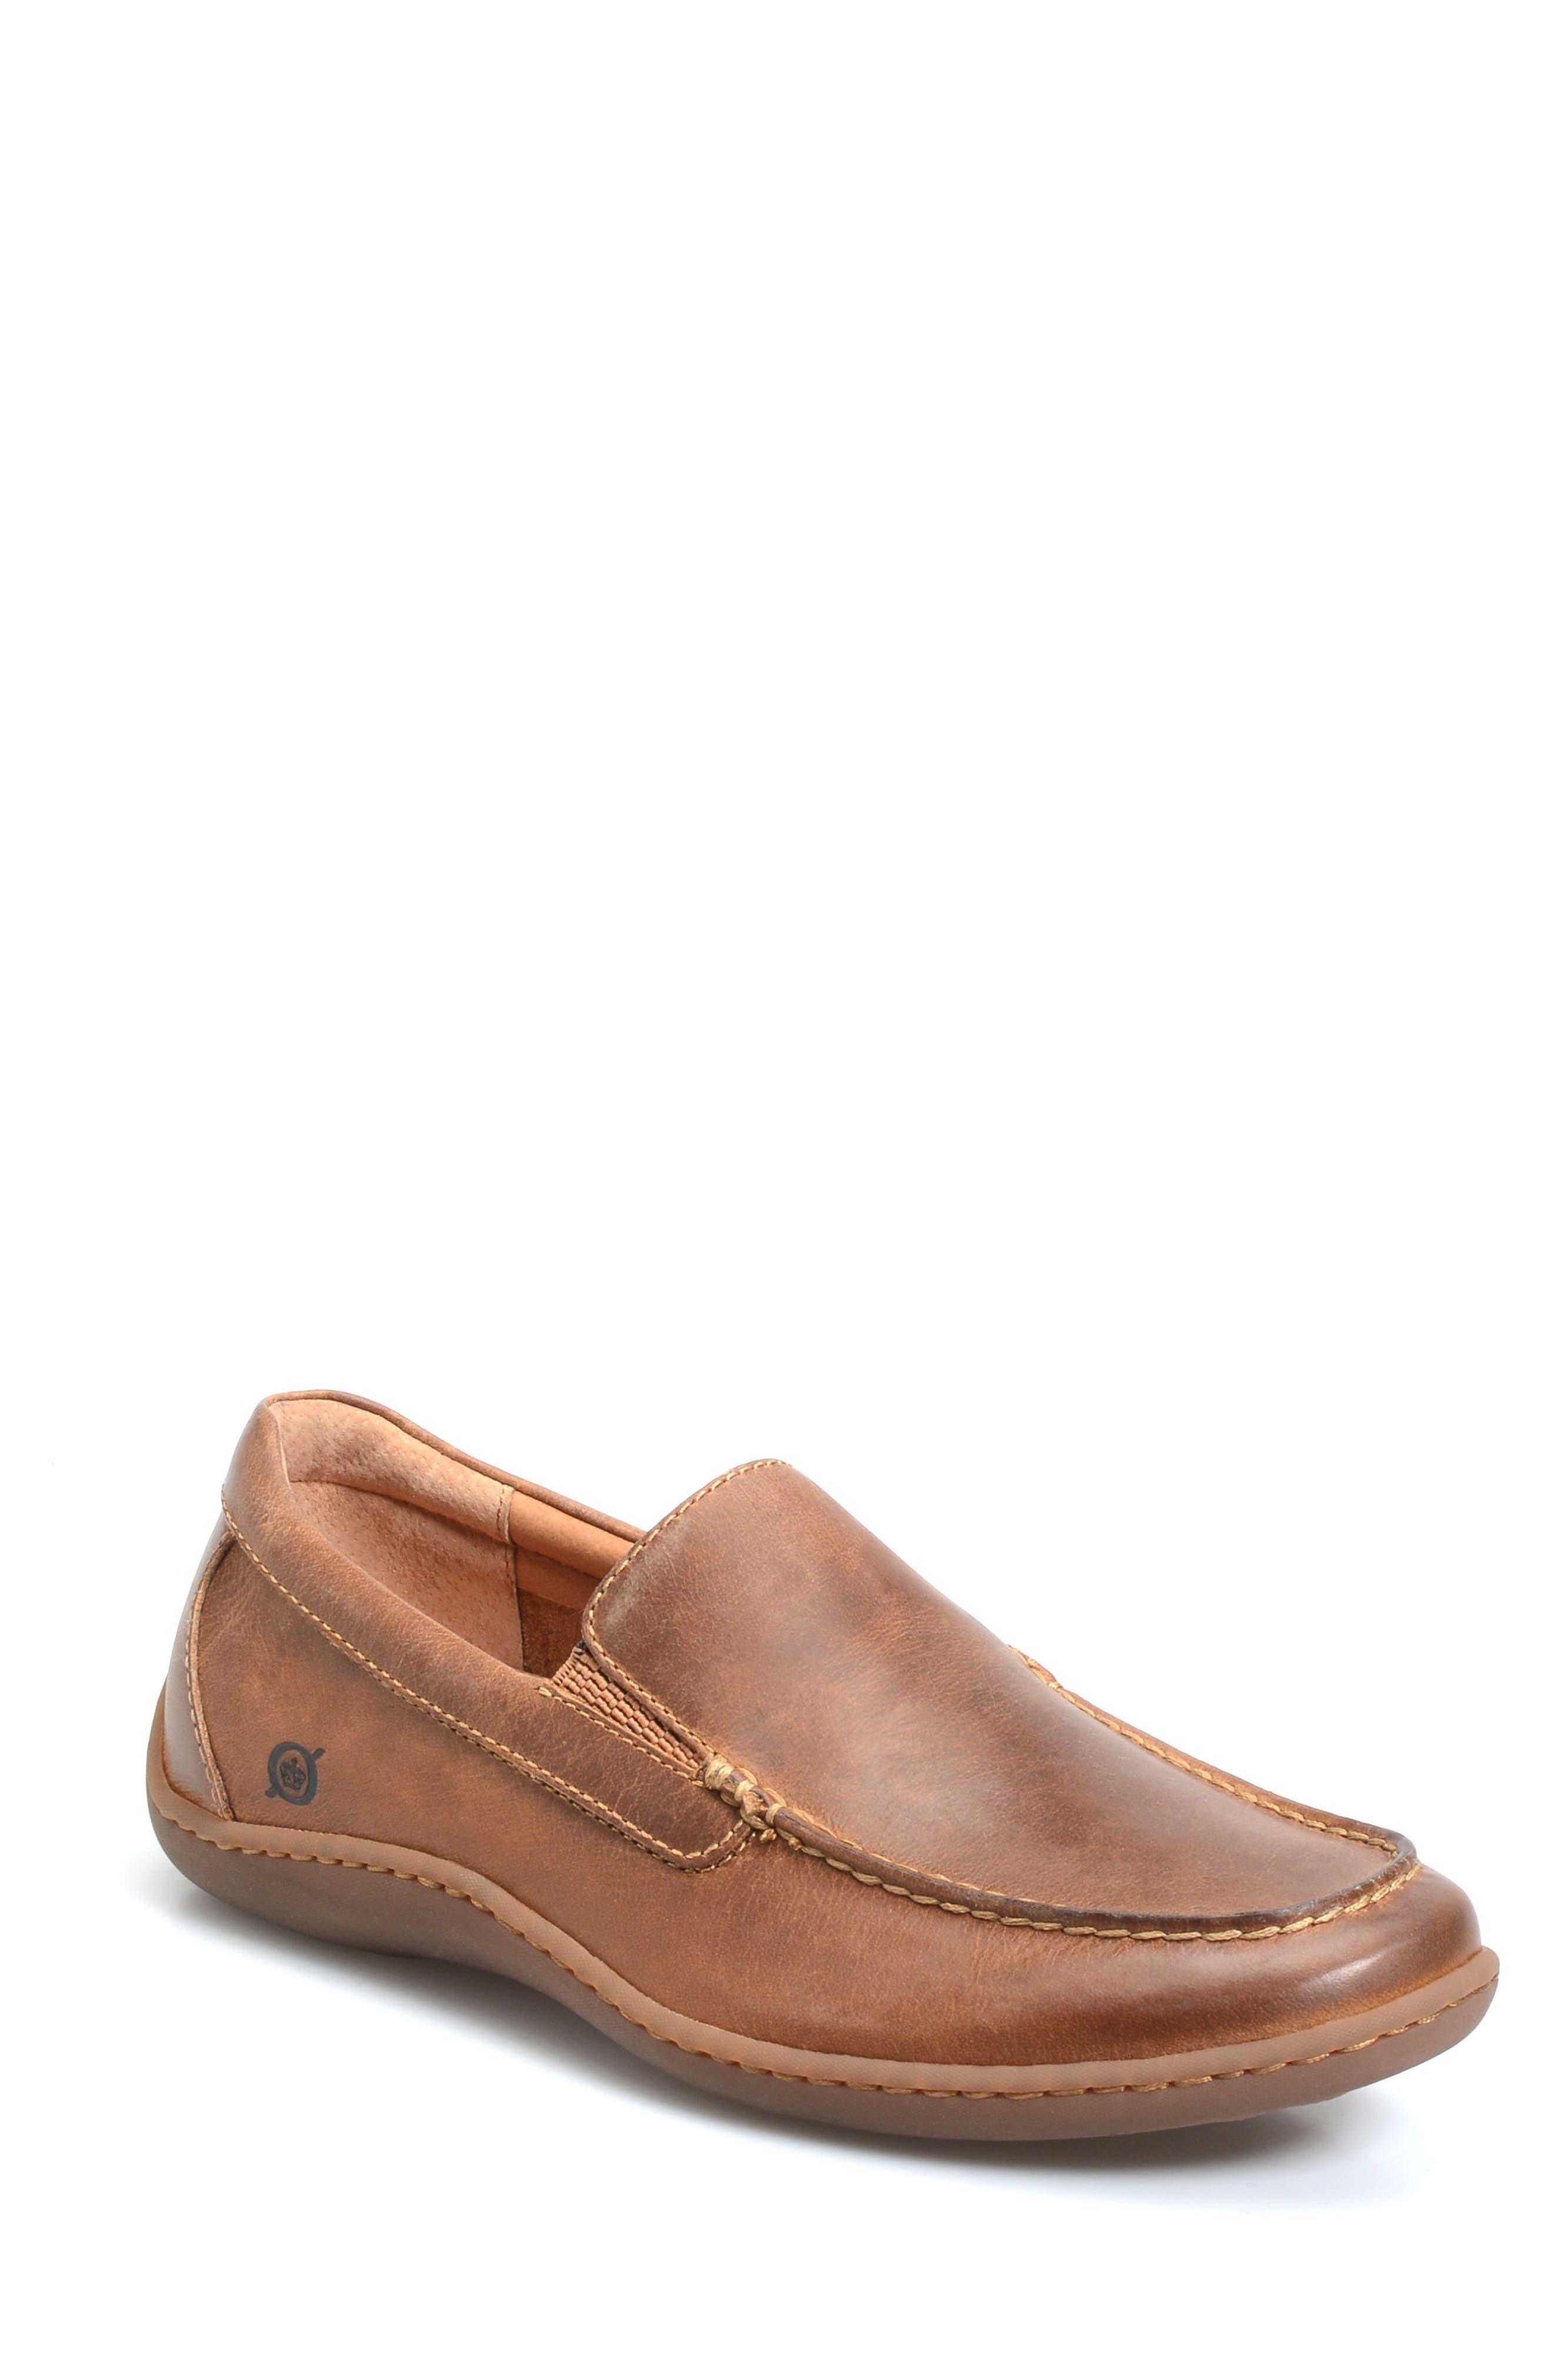 Børn Brompton Loafer (Men)